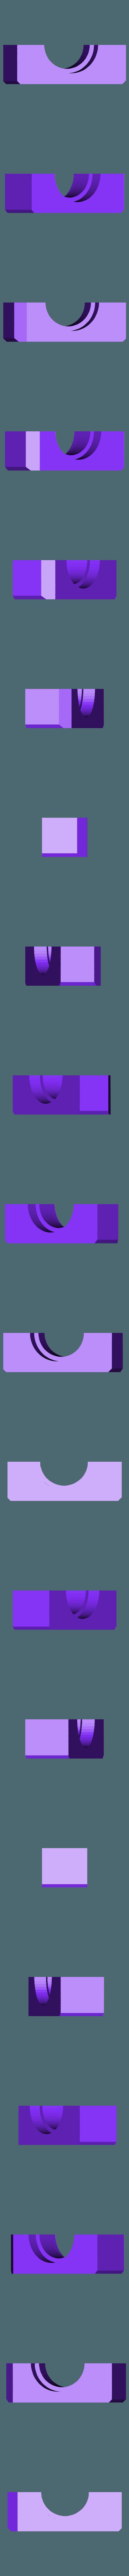 Printrbot_Multi_E3D_Front.stl Télécharger fichier STL gratuit Printrbot Multi • Objet à imprimer en 3D, rushmere3d